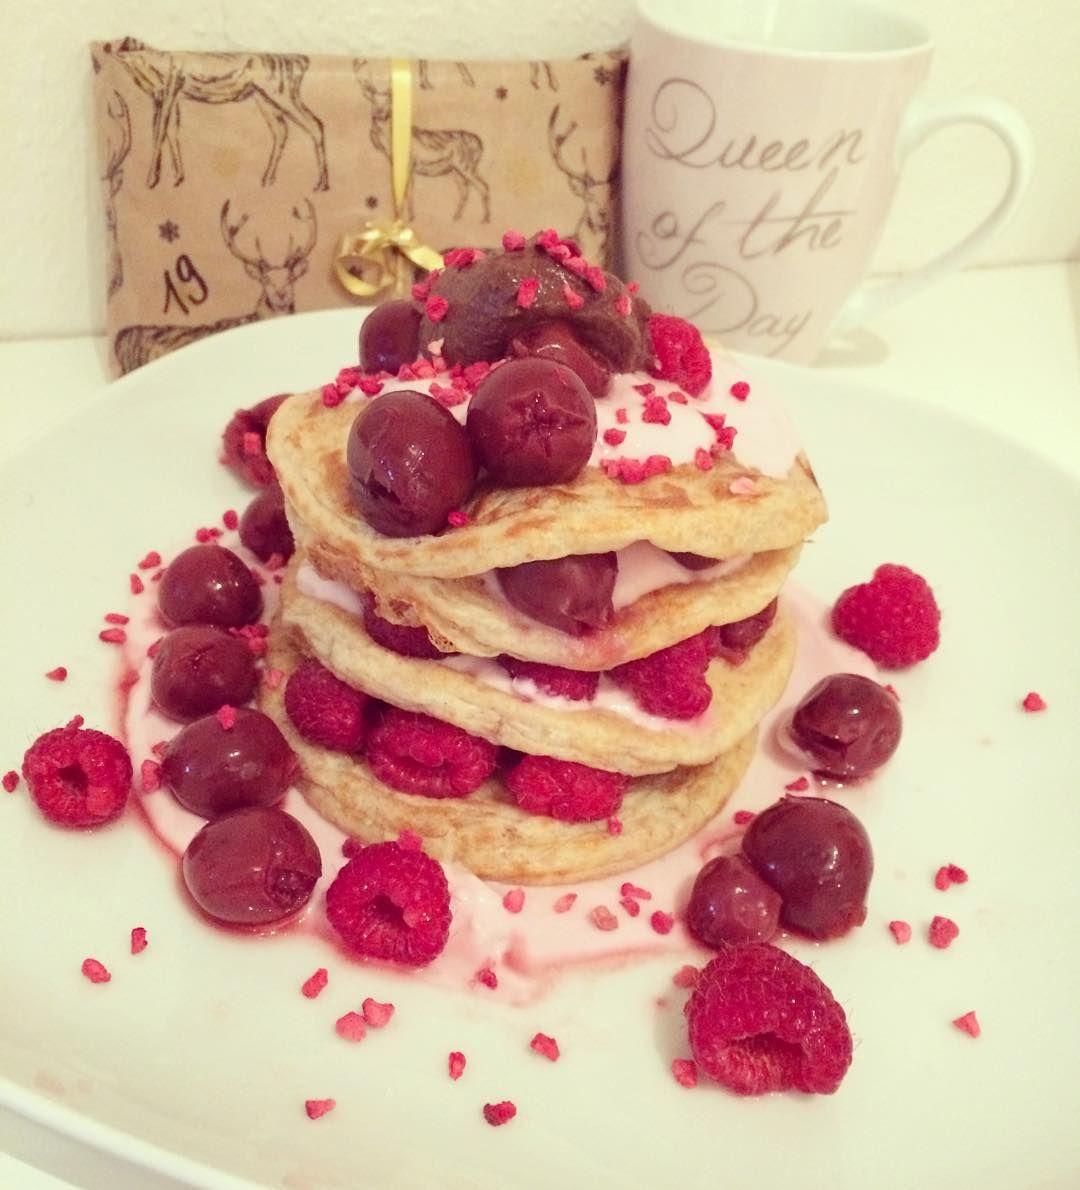 """Und zum Frühstück gibt es jetzt Proteinpancakes mit #skyr und #sweetella  Dazu eine Folge The Originals im Bett und danach backe ich Oreo-Plätzchen und Vanillekipferl Einkaufen muss ich auch noch und mich dann für heute Abend fertig machen. Es steht wieder eine Weihnachtsfeier an dieses Mal mit der großen Familie. An Heiligabend sind wir dann """"nur"""" zu acht. Rezept Pancakes: 40g Vollkornmehl 25g Whey (meins ist von @gymqueen.de - das von MyProtein schmeckt mir auch sehr gut) 1 Eiklar 5g…"""